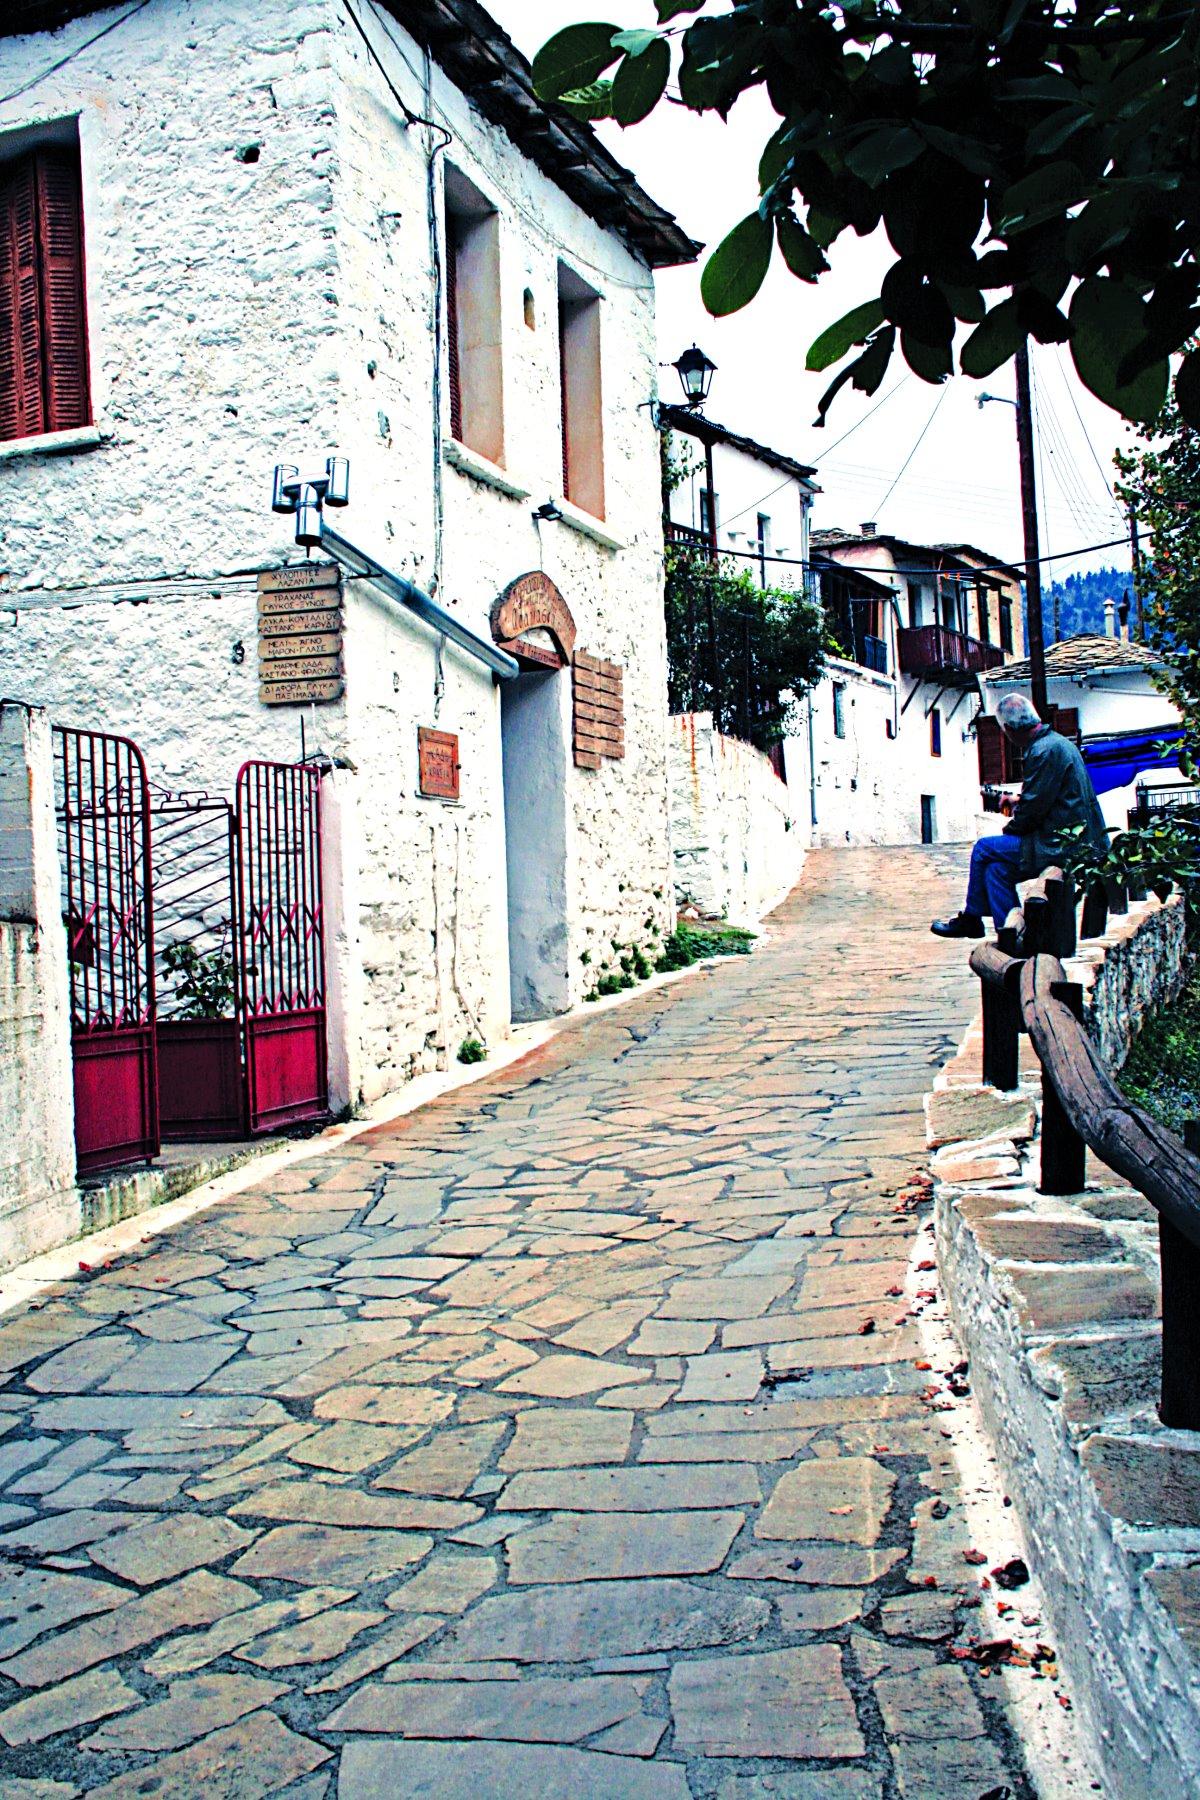 Καστάνιτσα, βόλτα στο χωριό